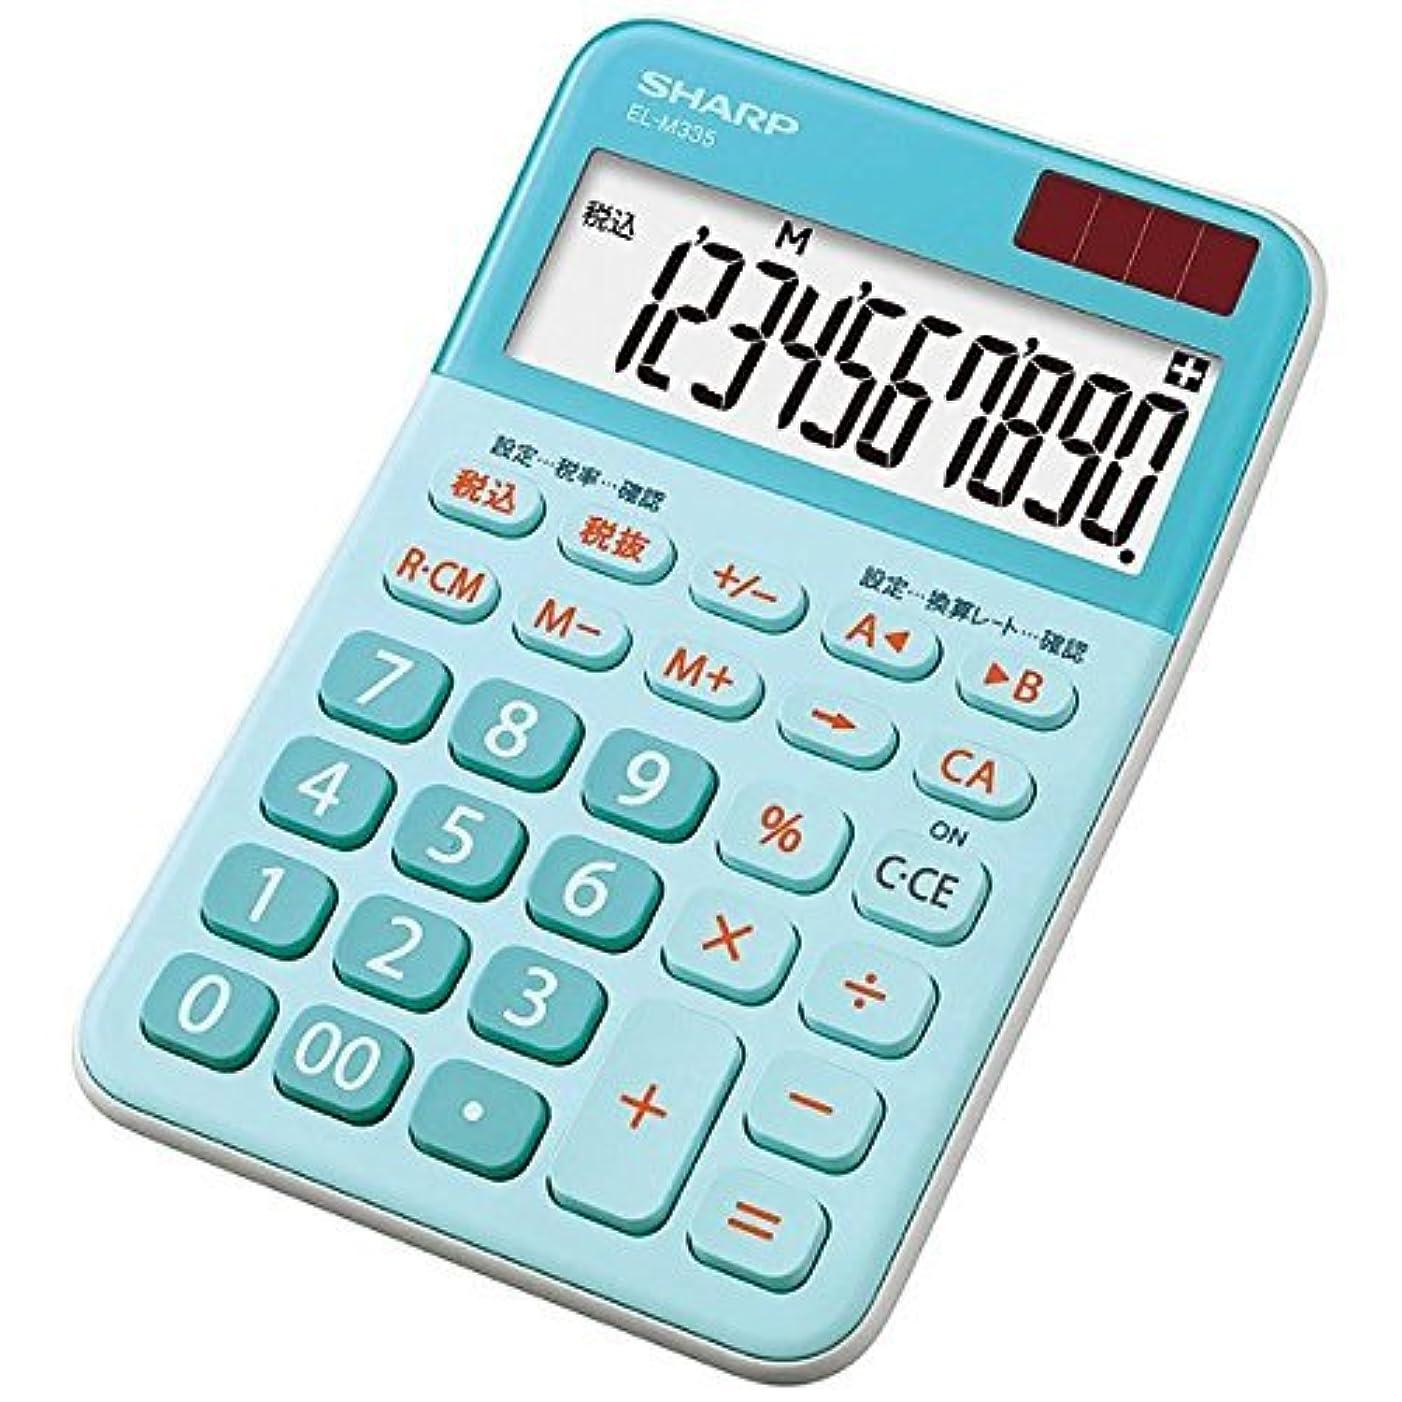 テスピアンけん引高齢者シャープ ミニナイスサイズ電卓 ブルー系 EL-M335-AX 【まとめ買い3台セット】